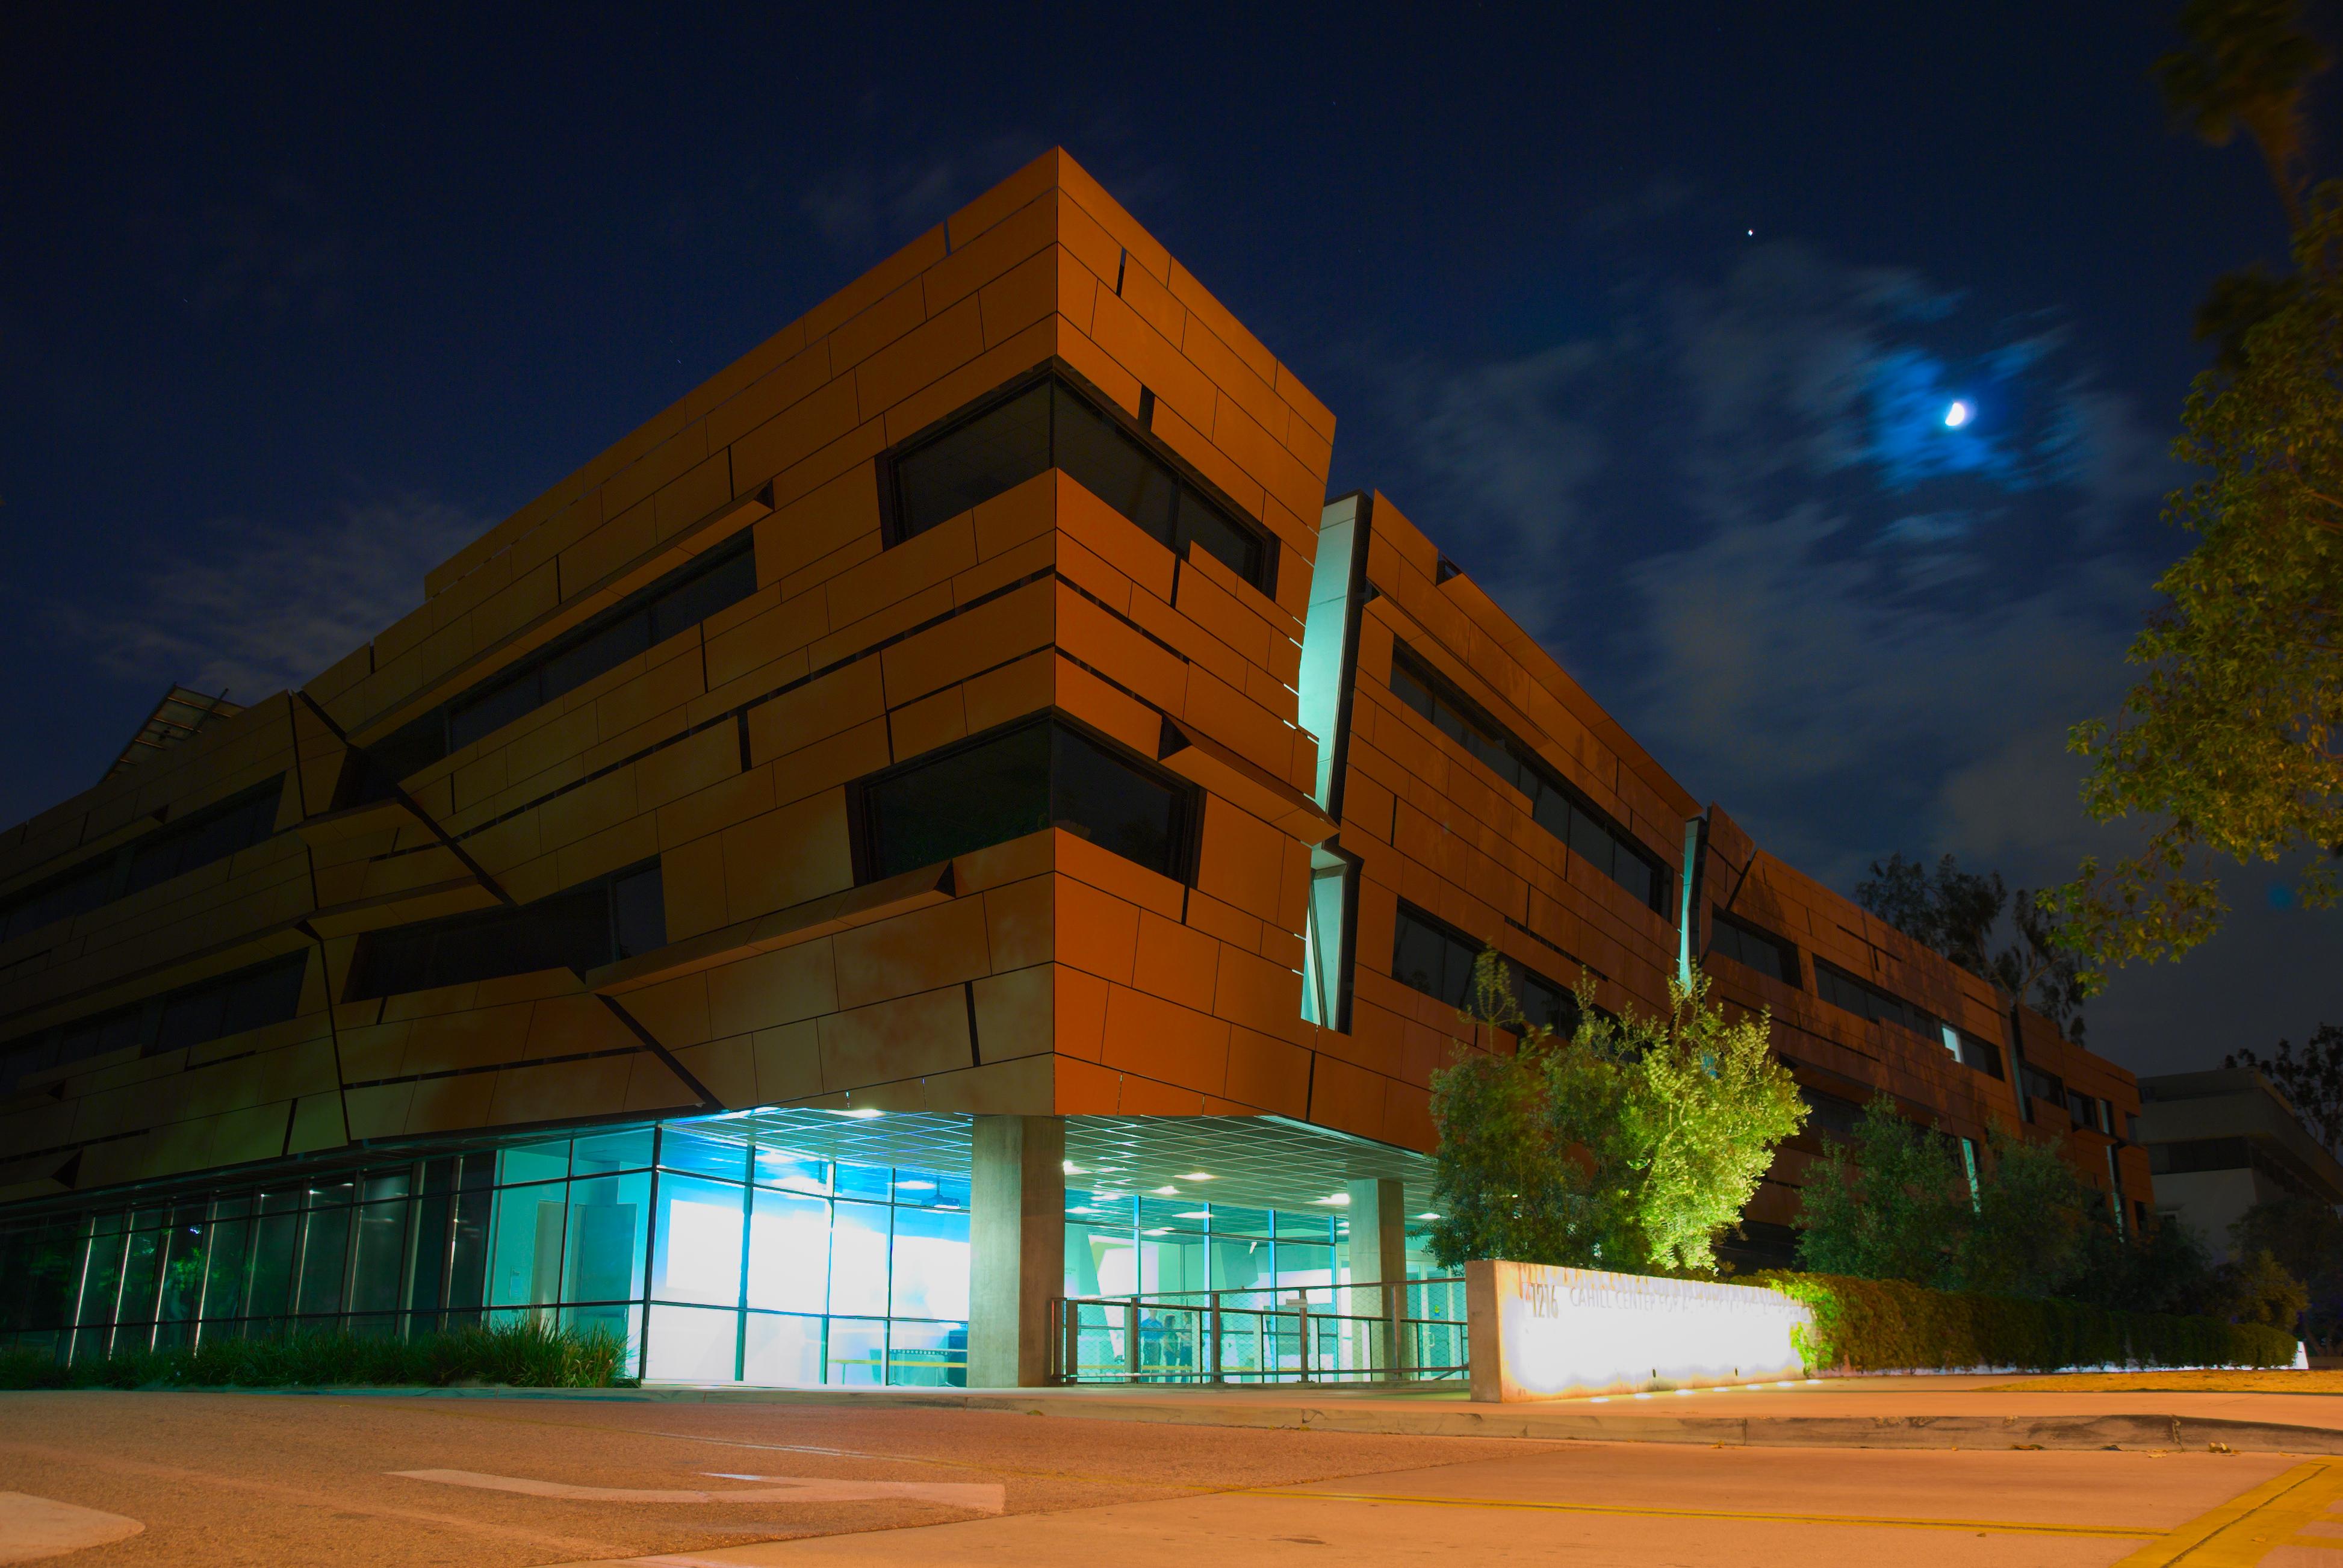 Caltech Astronomy Building